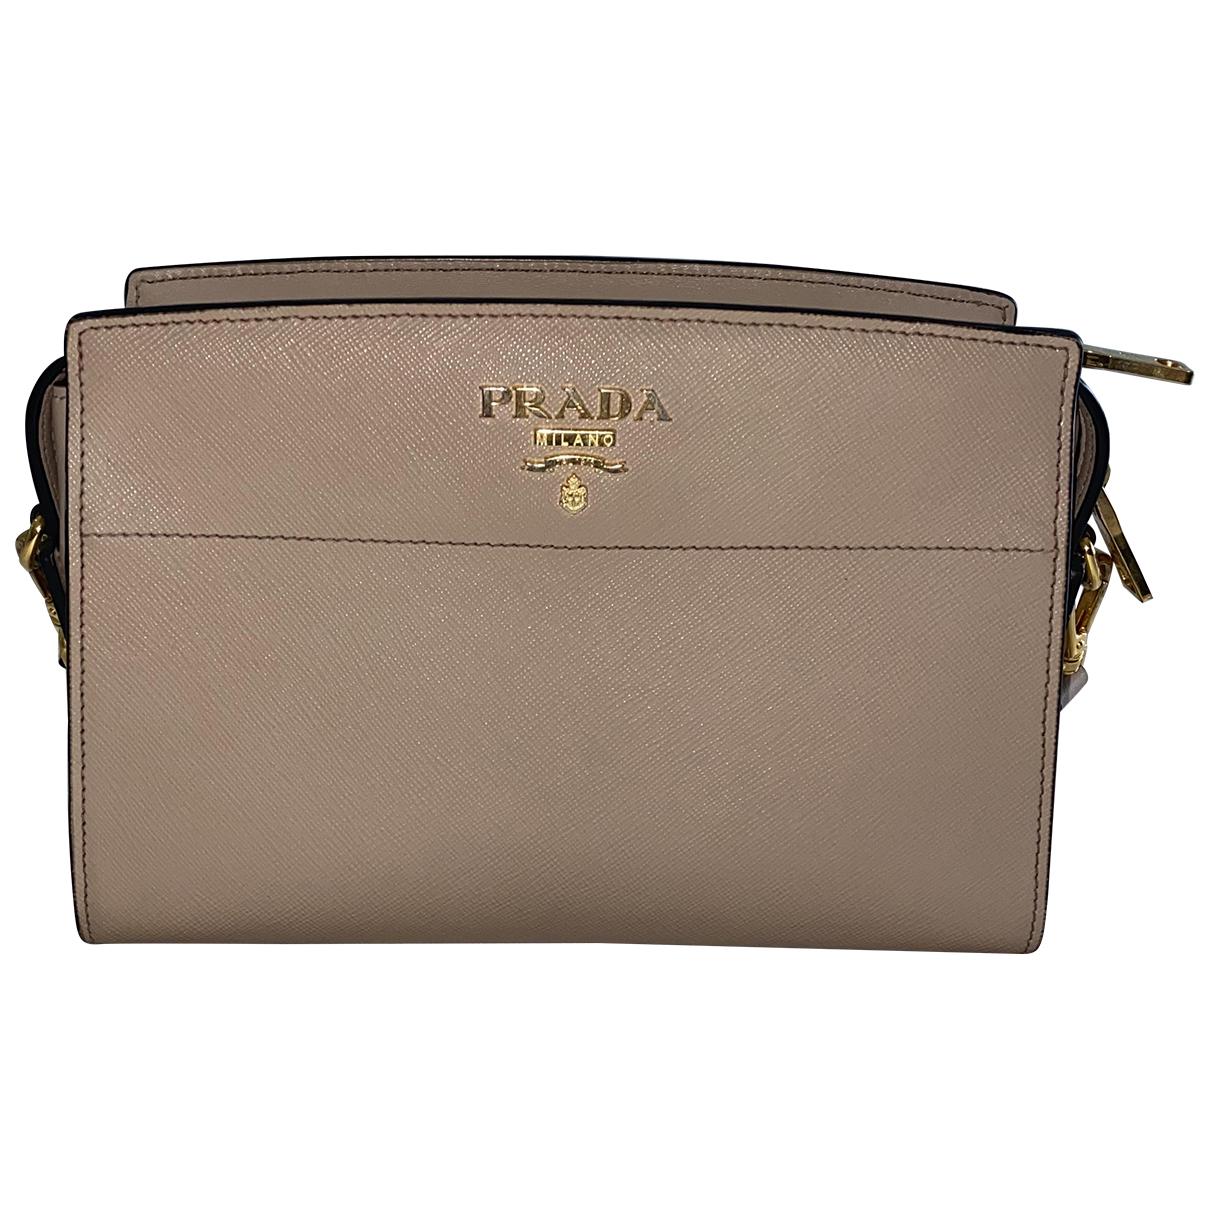 Prada Esplanade Handtasche in  Beige Leder